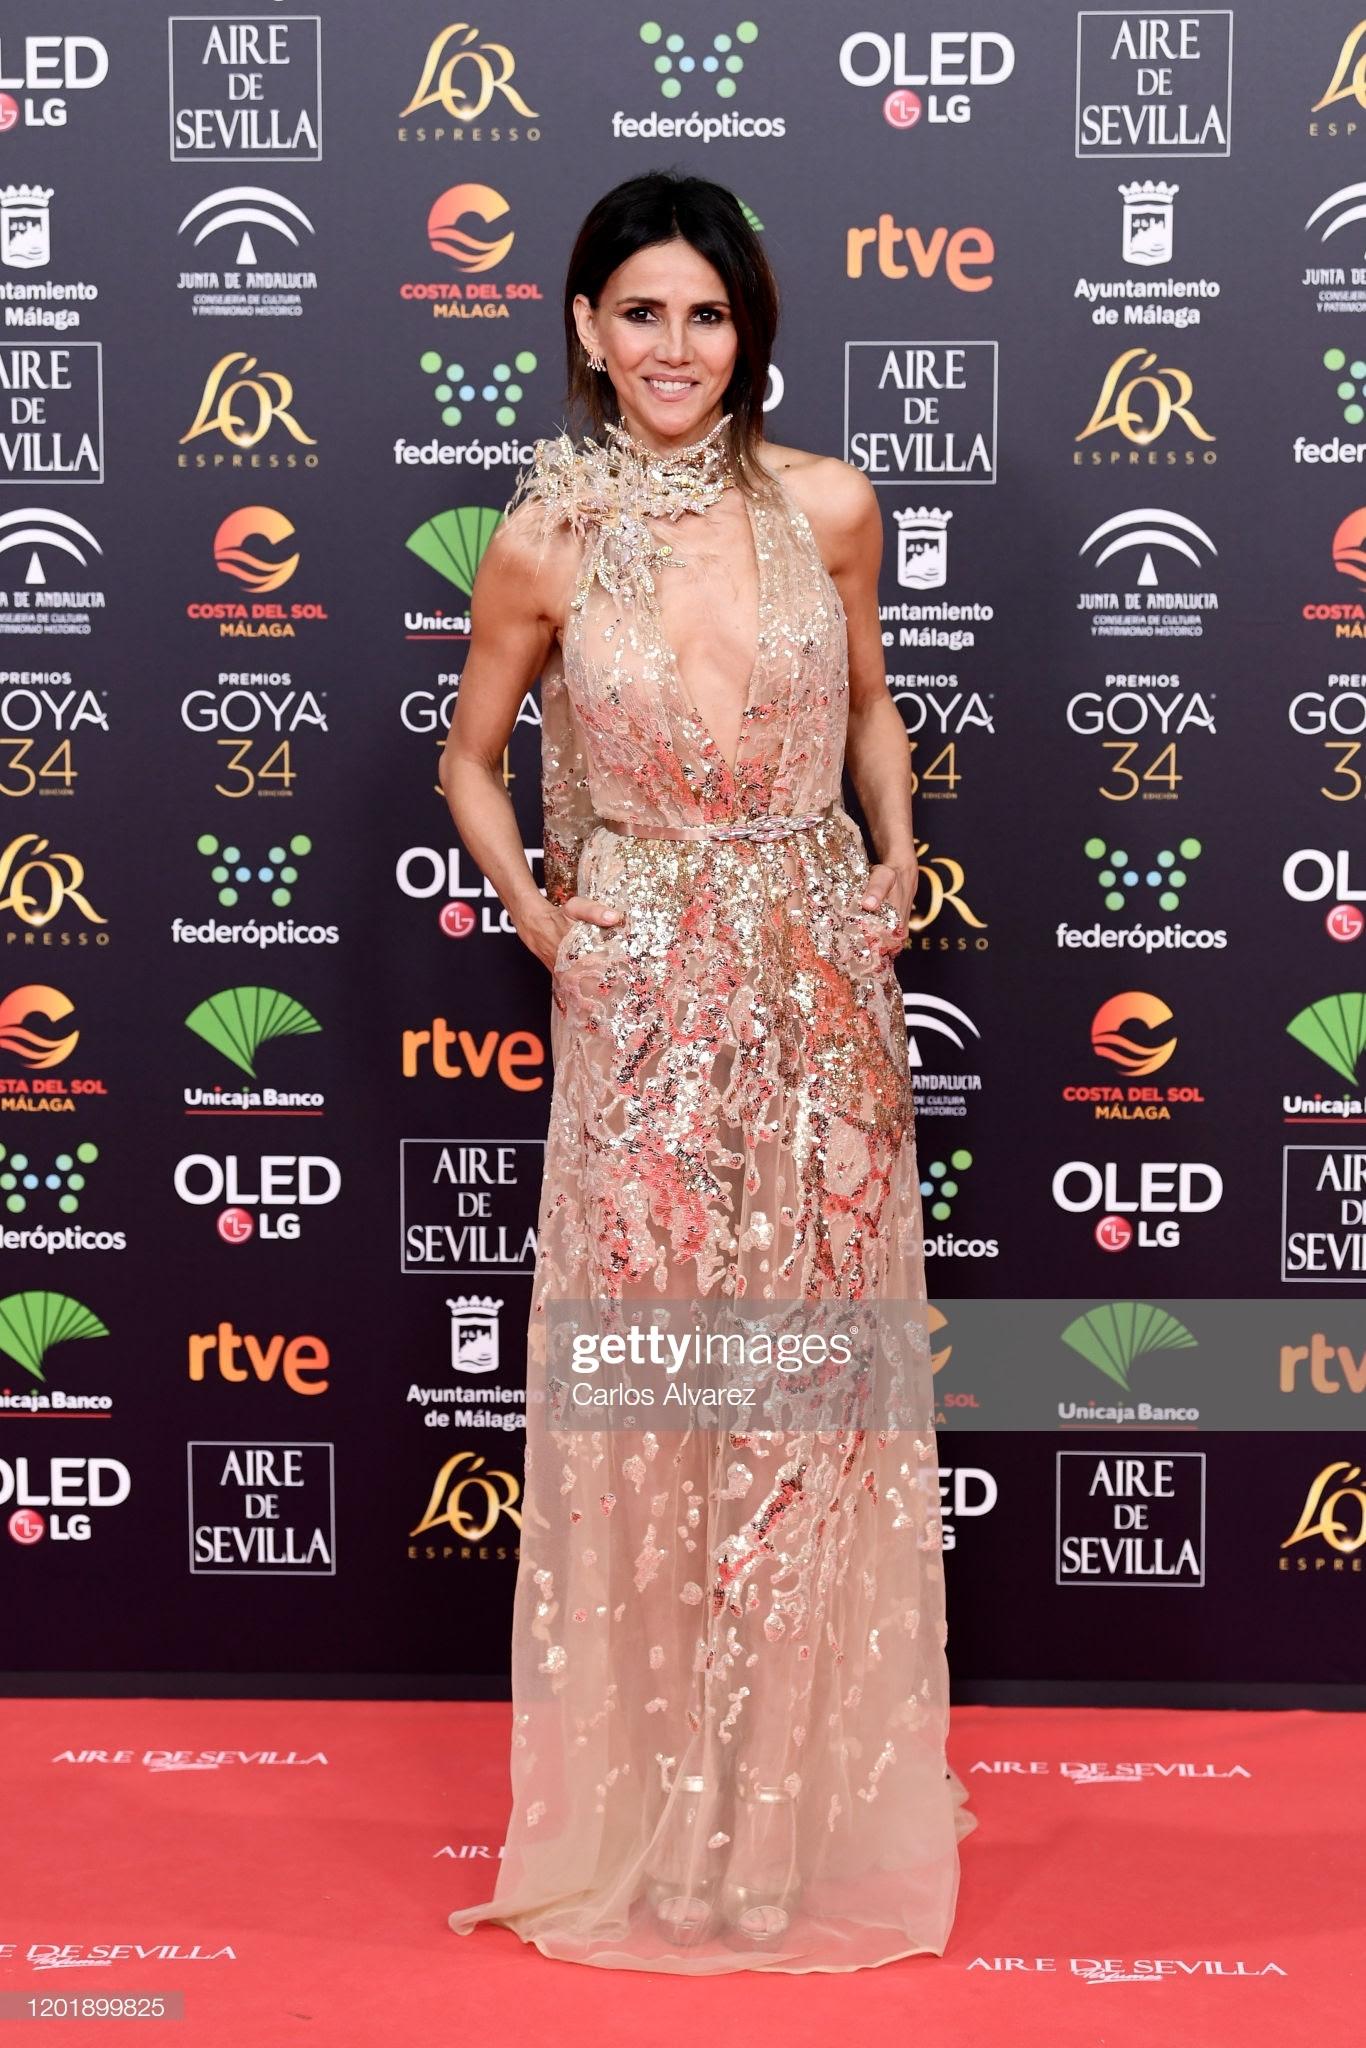 dfb053ec af32 4cae a7e1 dfc04faad763 - Premios Goya 2020 : Looks de todas las celebrities que lucieron  marcas de Replica